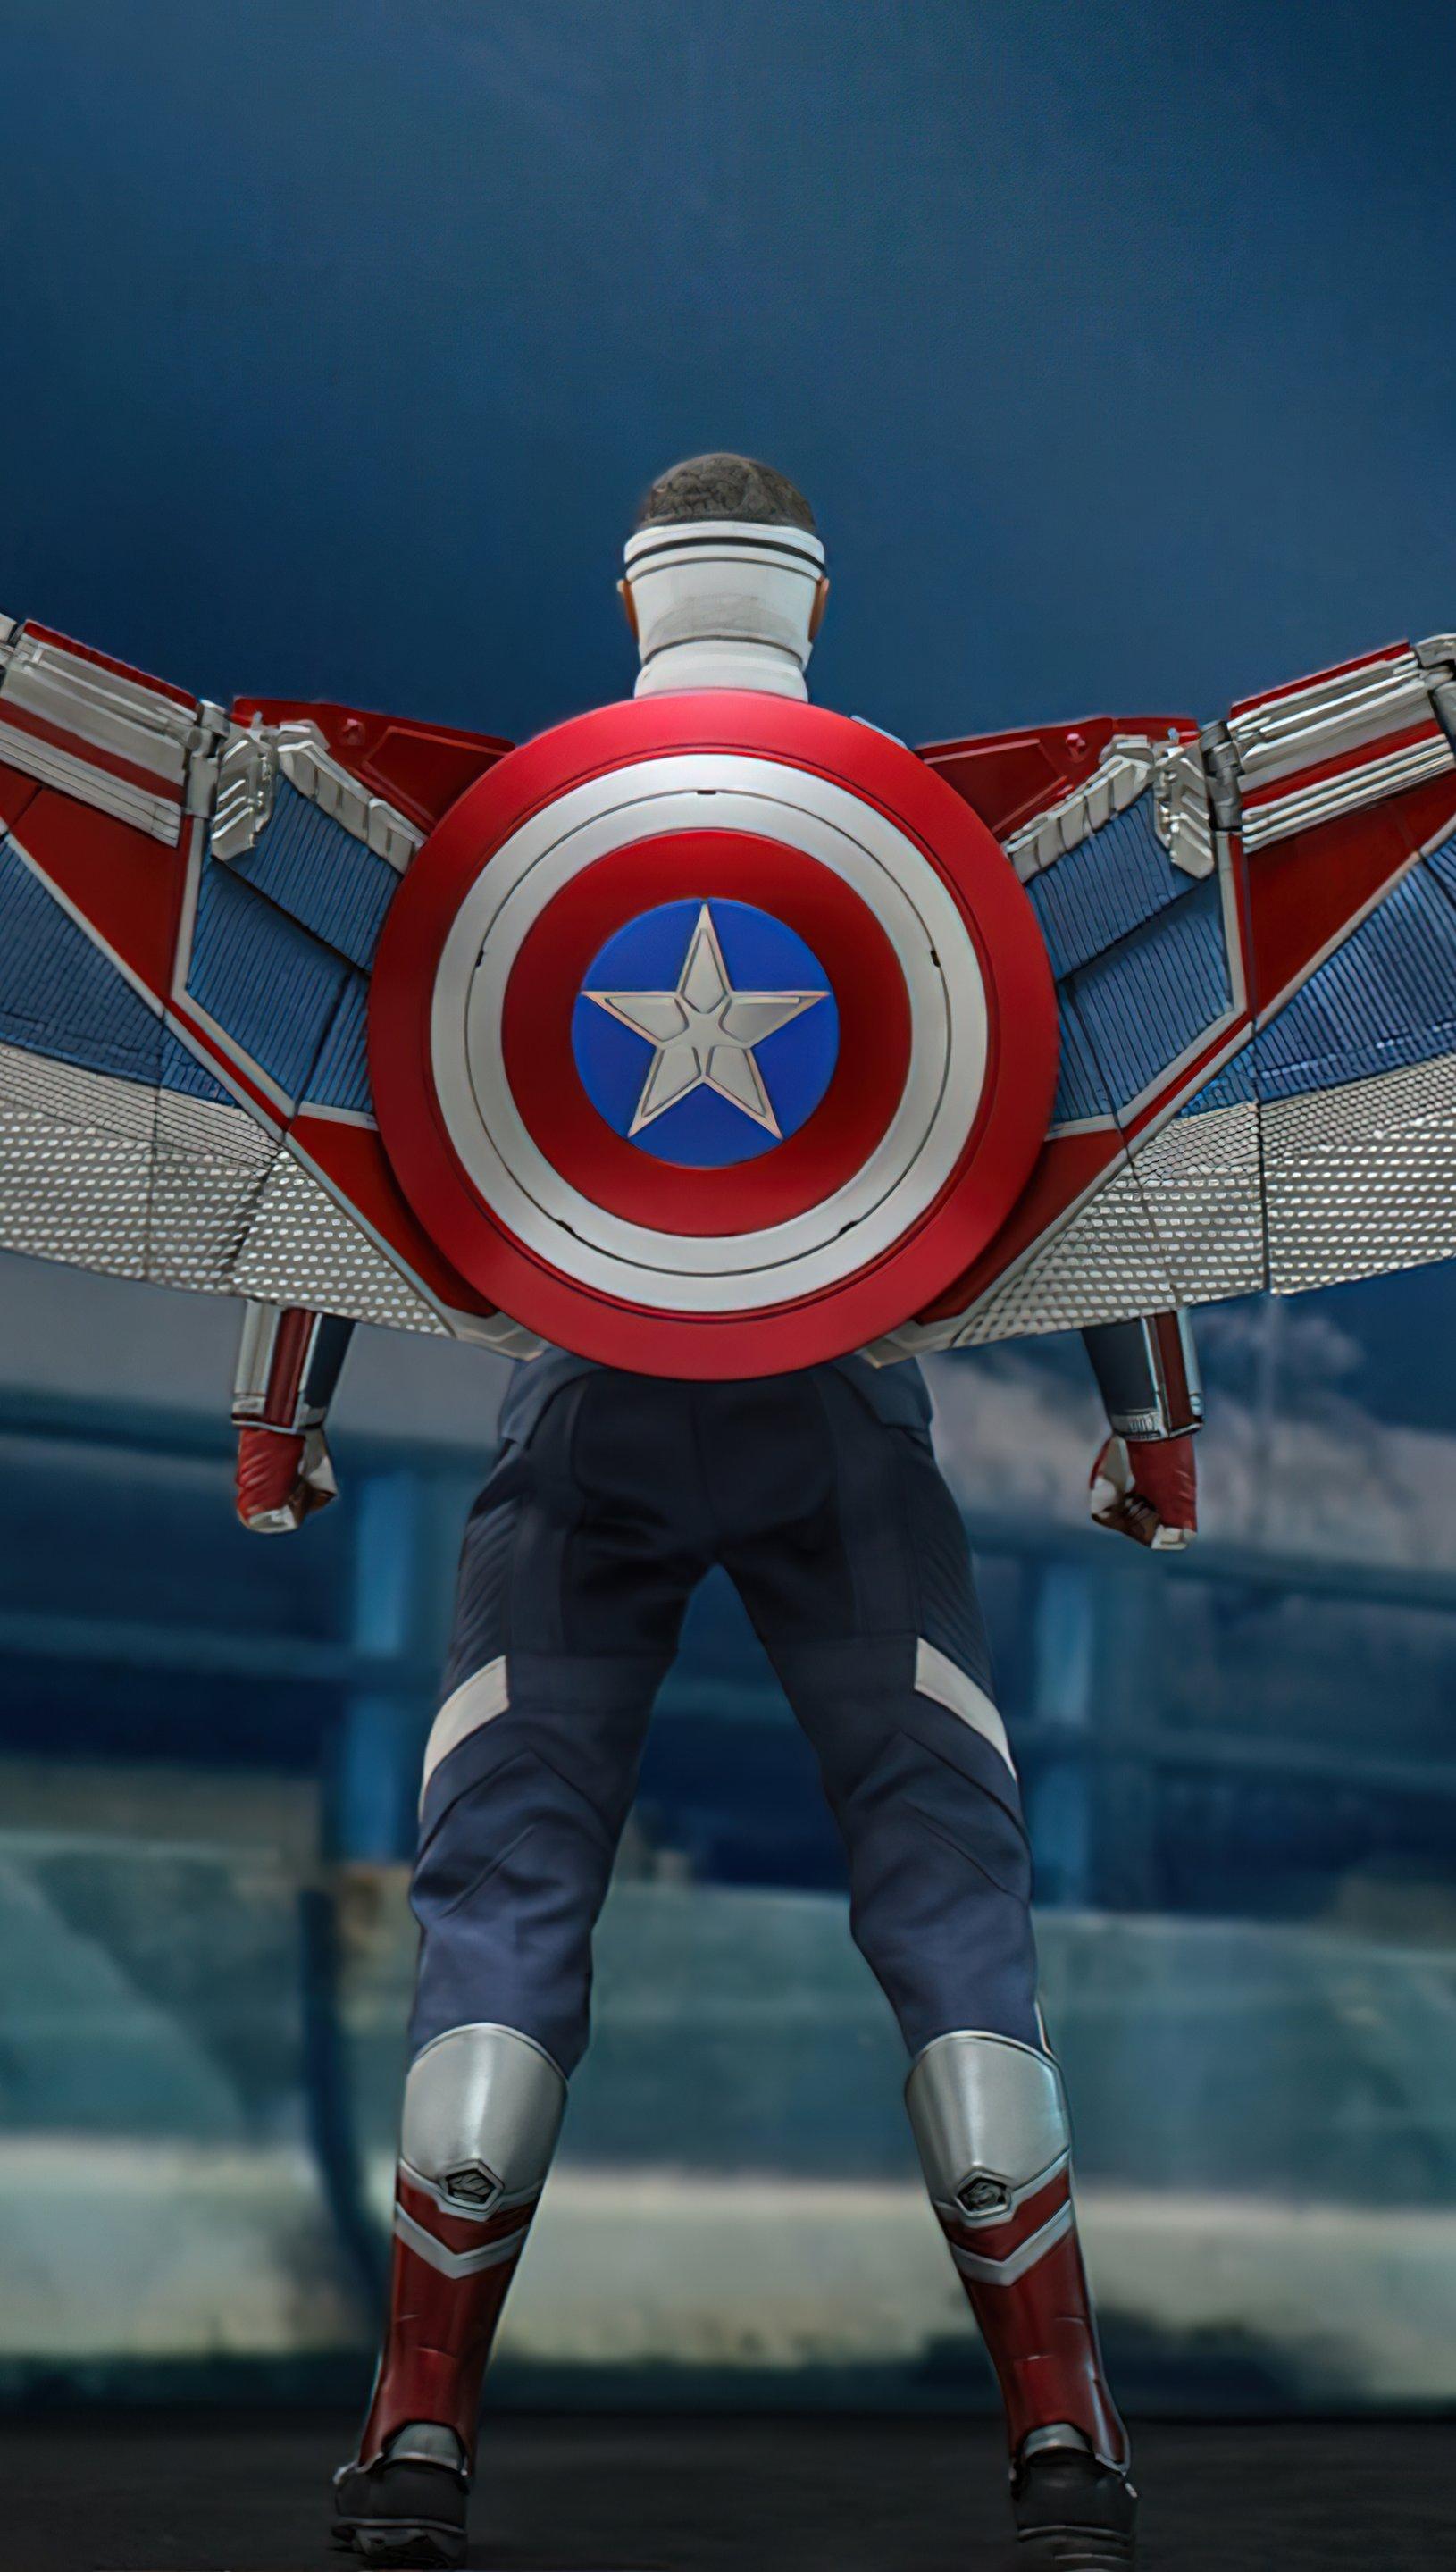 Fondos de pantalla Capitan America Falcon y el soldado de invierno Vertical